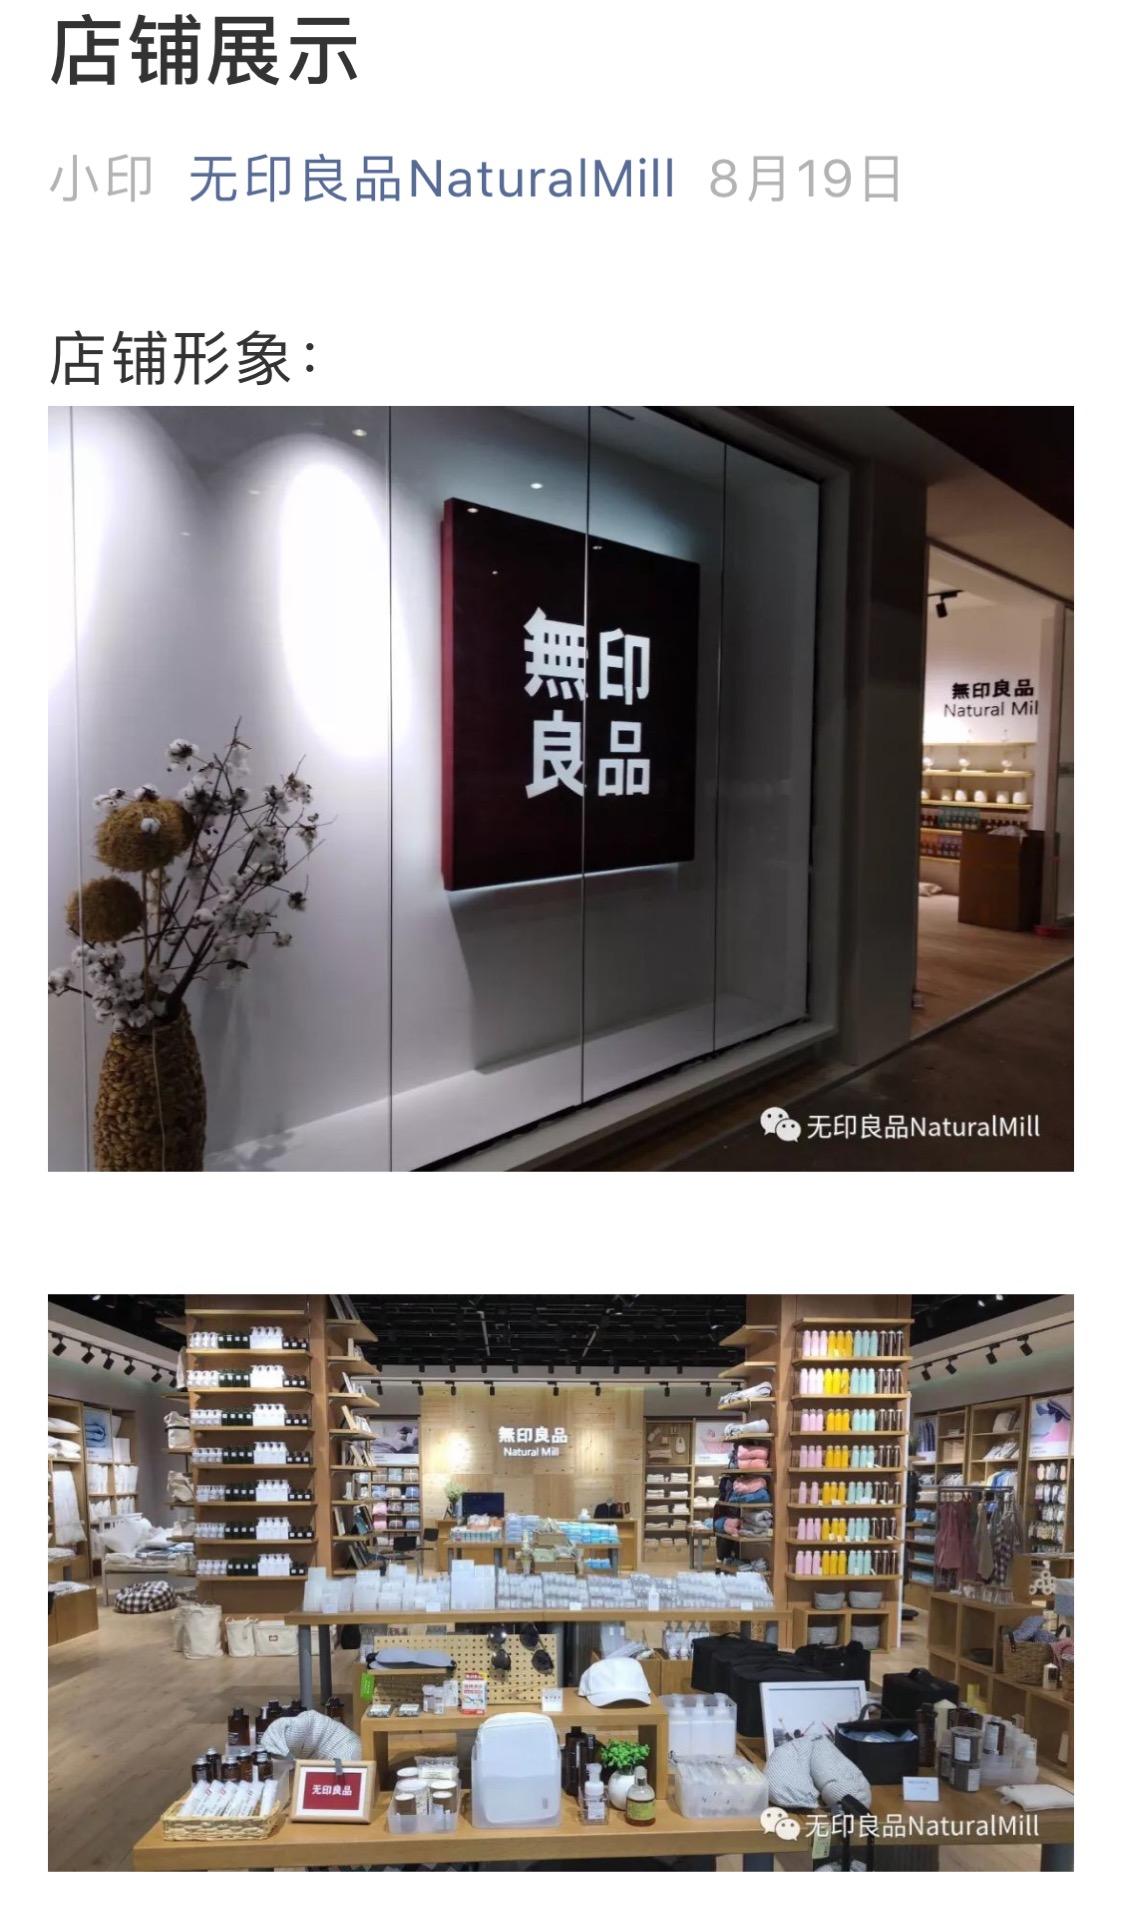 """北京棉田公司旗下北京无印良品公司微信公众号""""无印良品NaturalMill"""" 发布的店铺展示图片"""